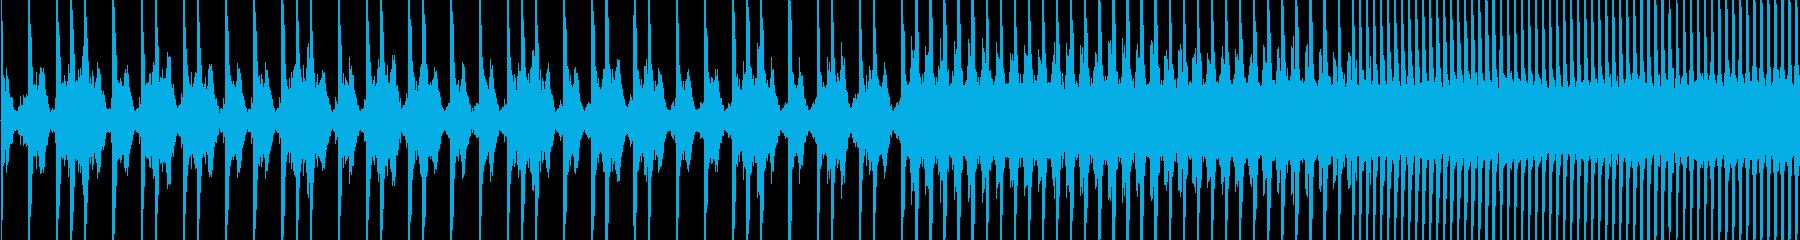 EDMスネアロールの再生済みの波形